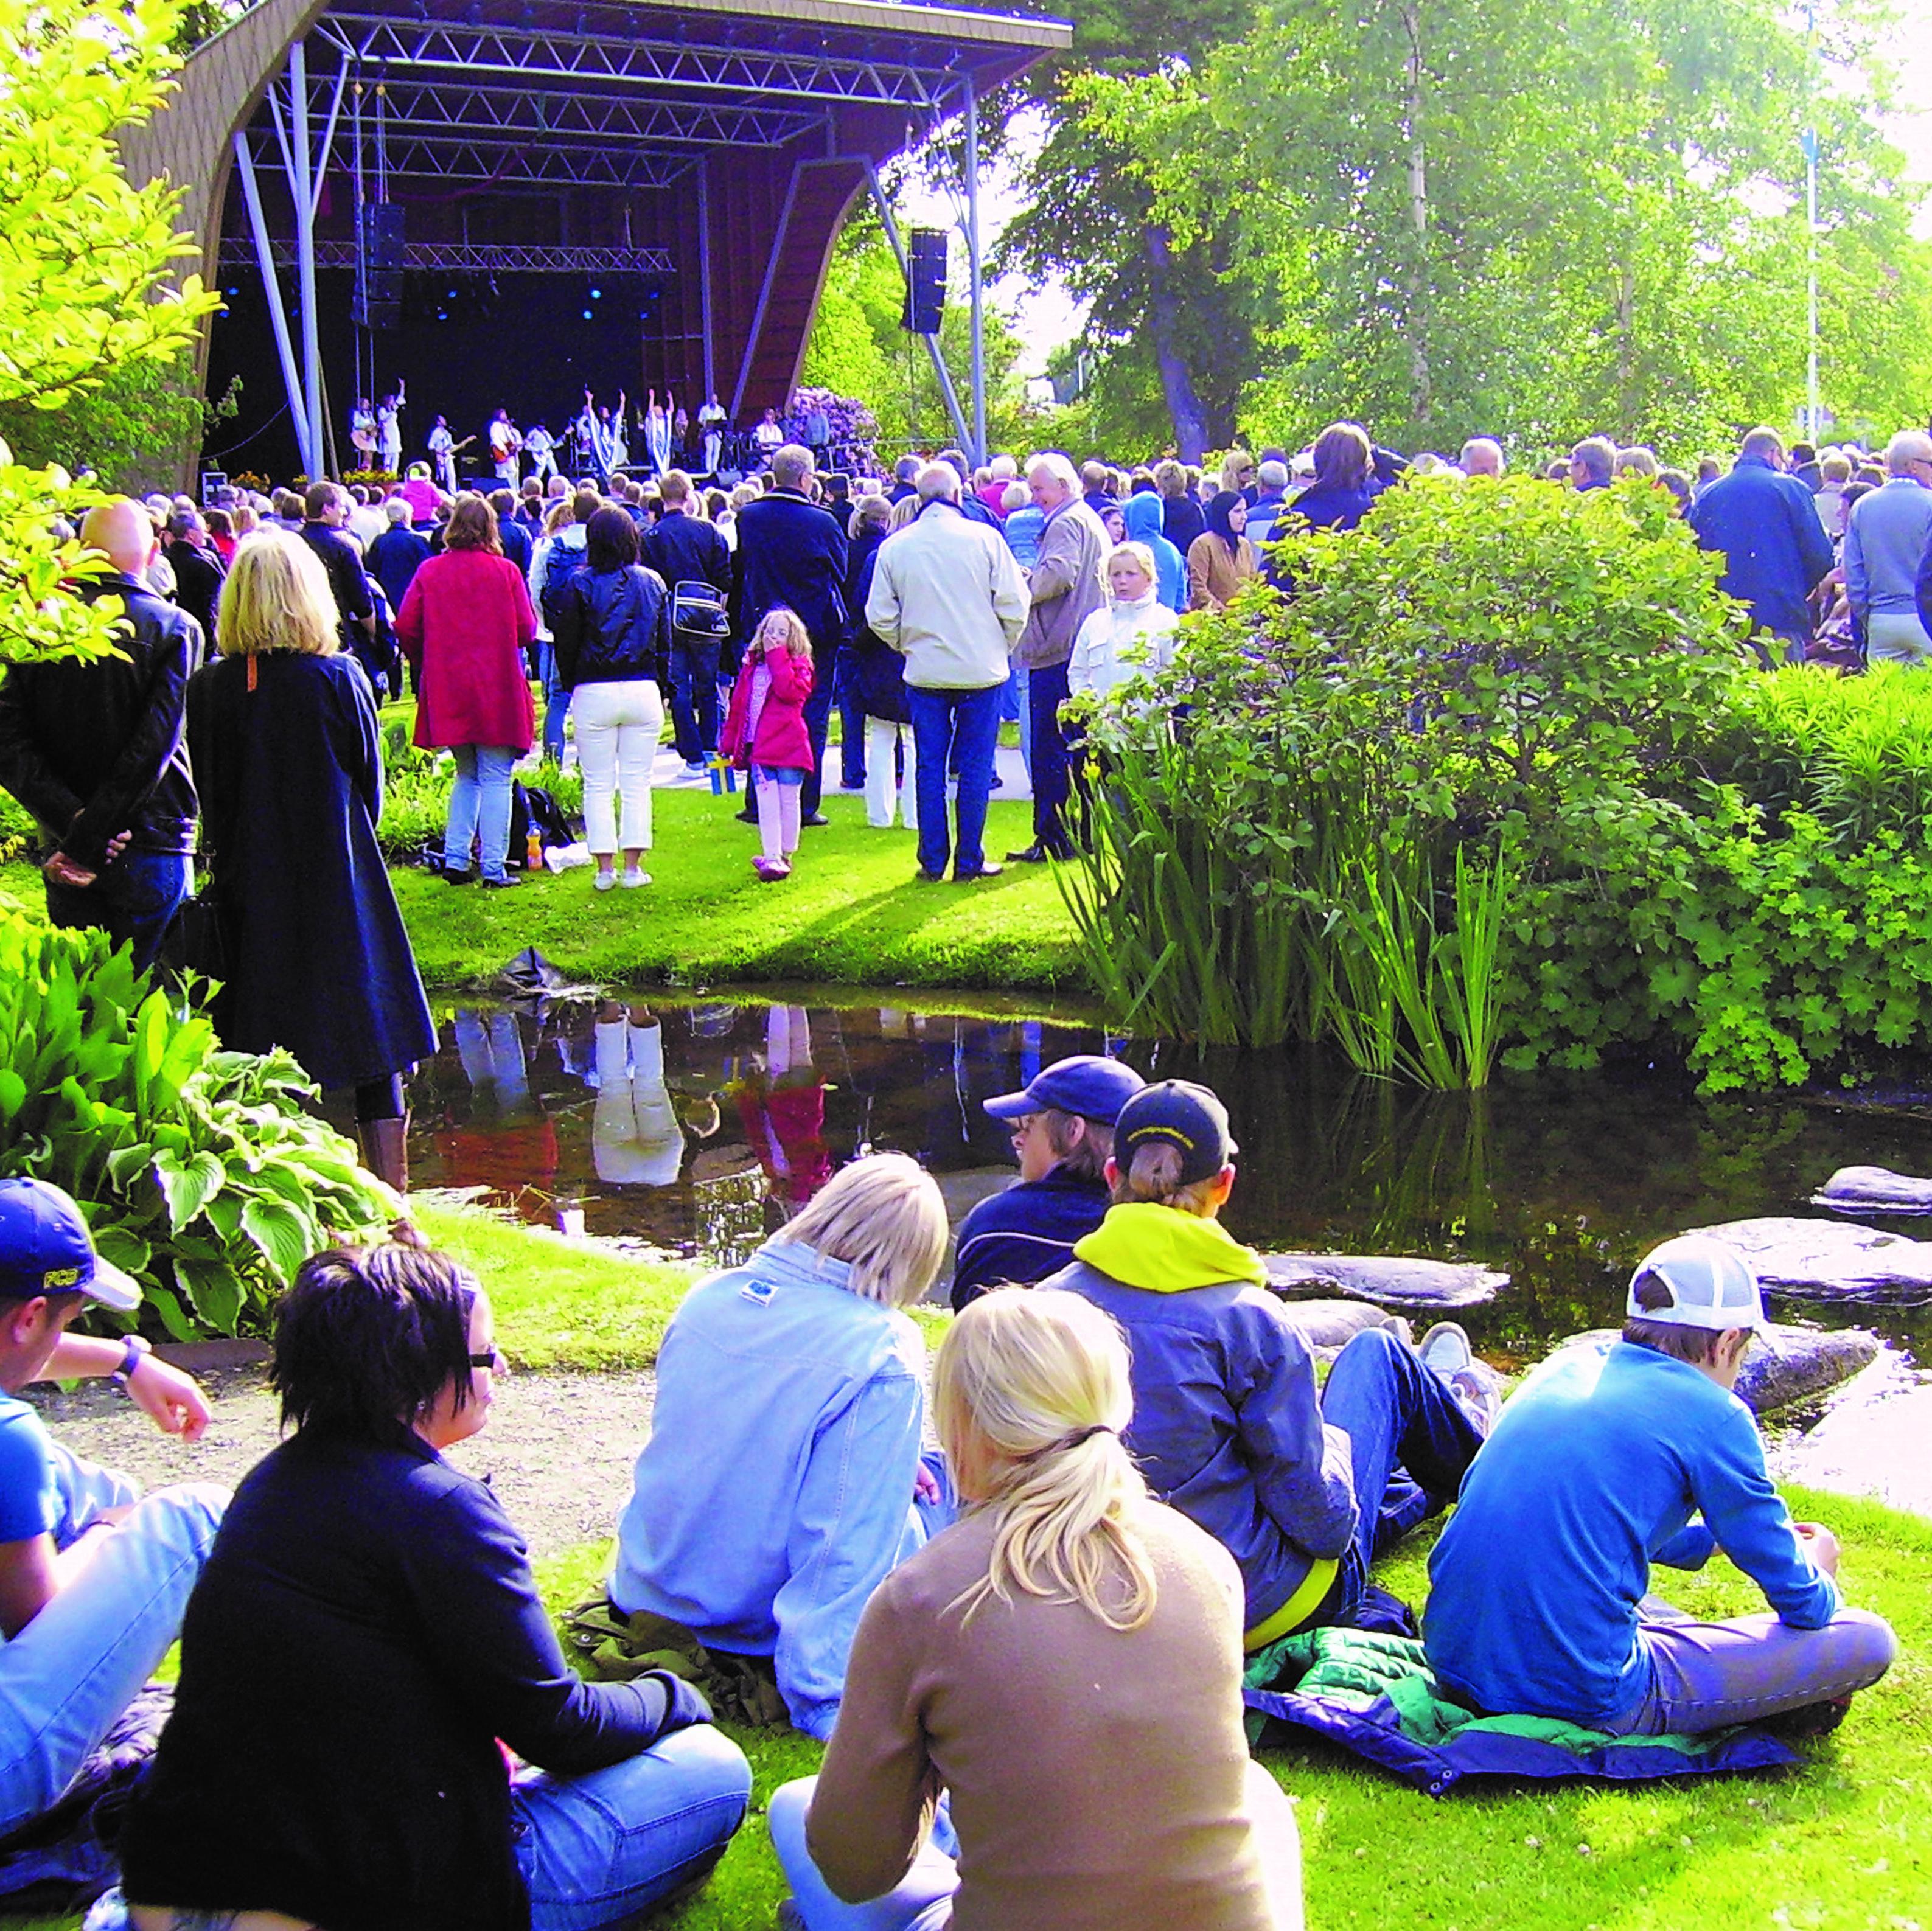 Sommar i trädgårn i Lidköping